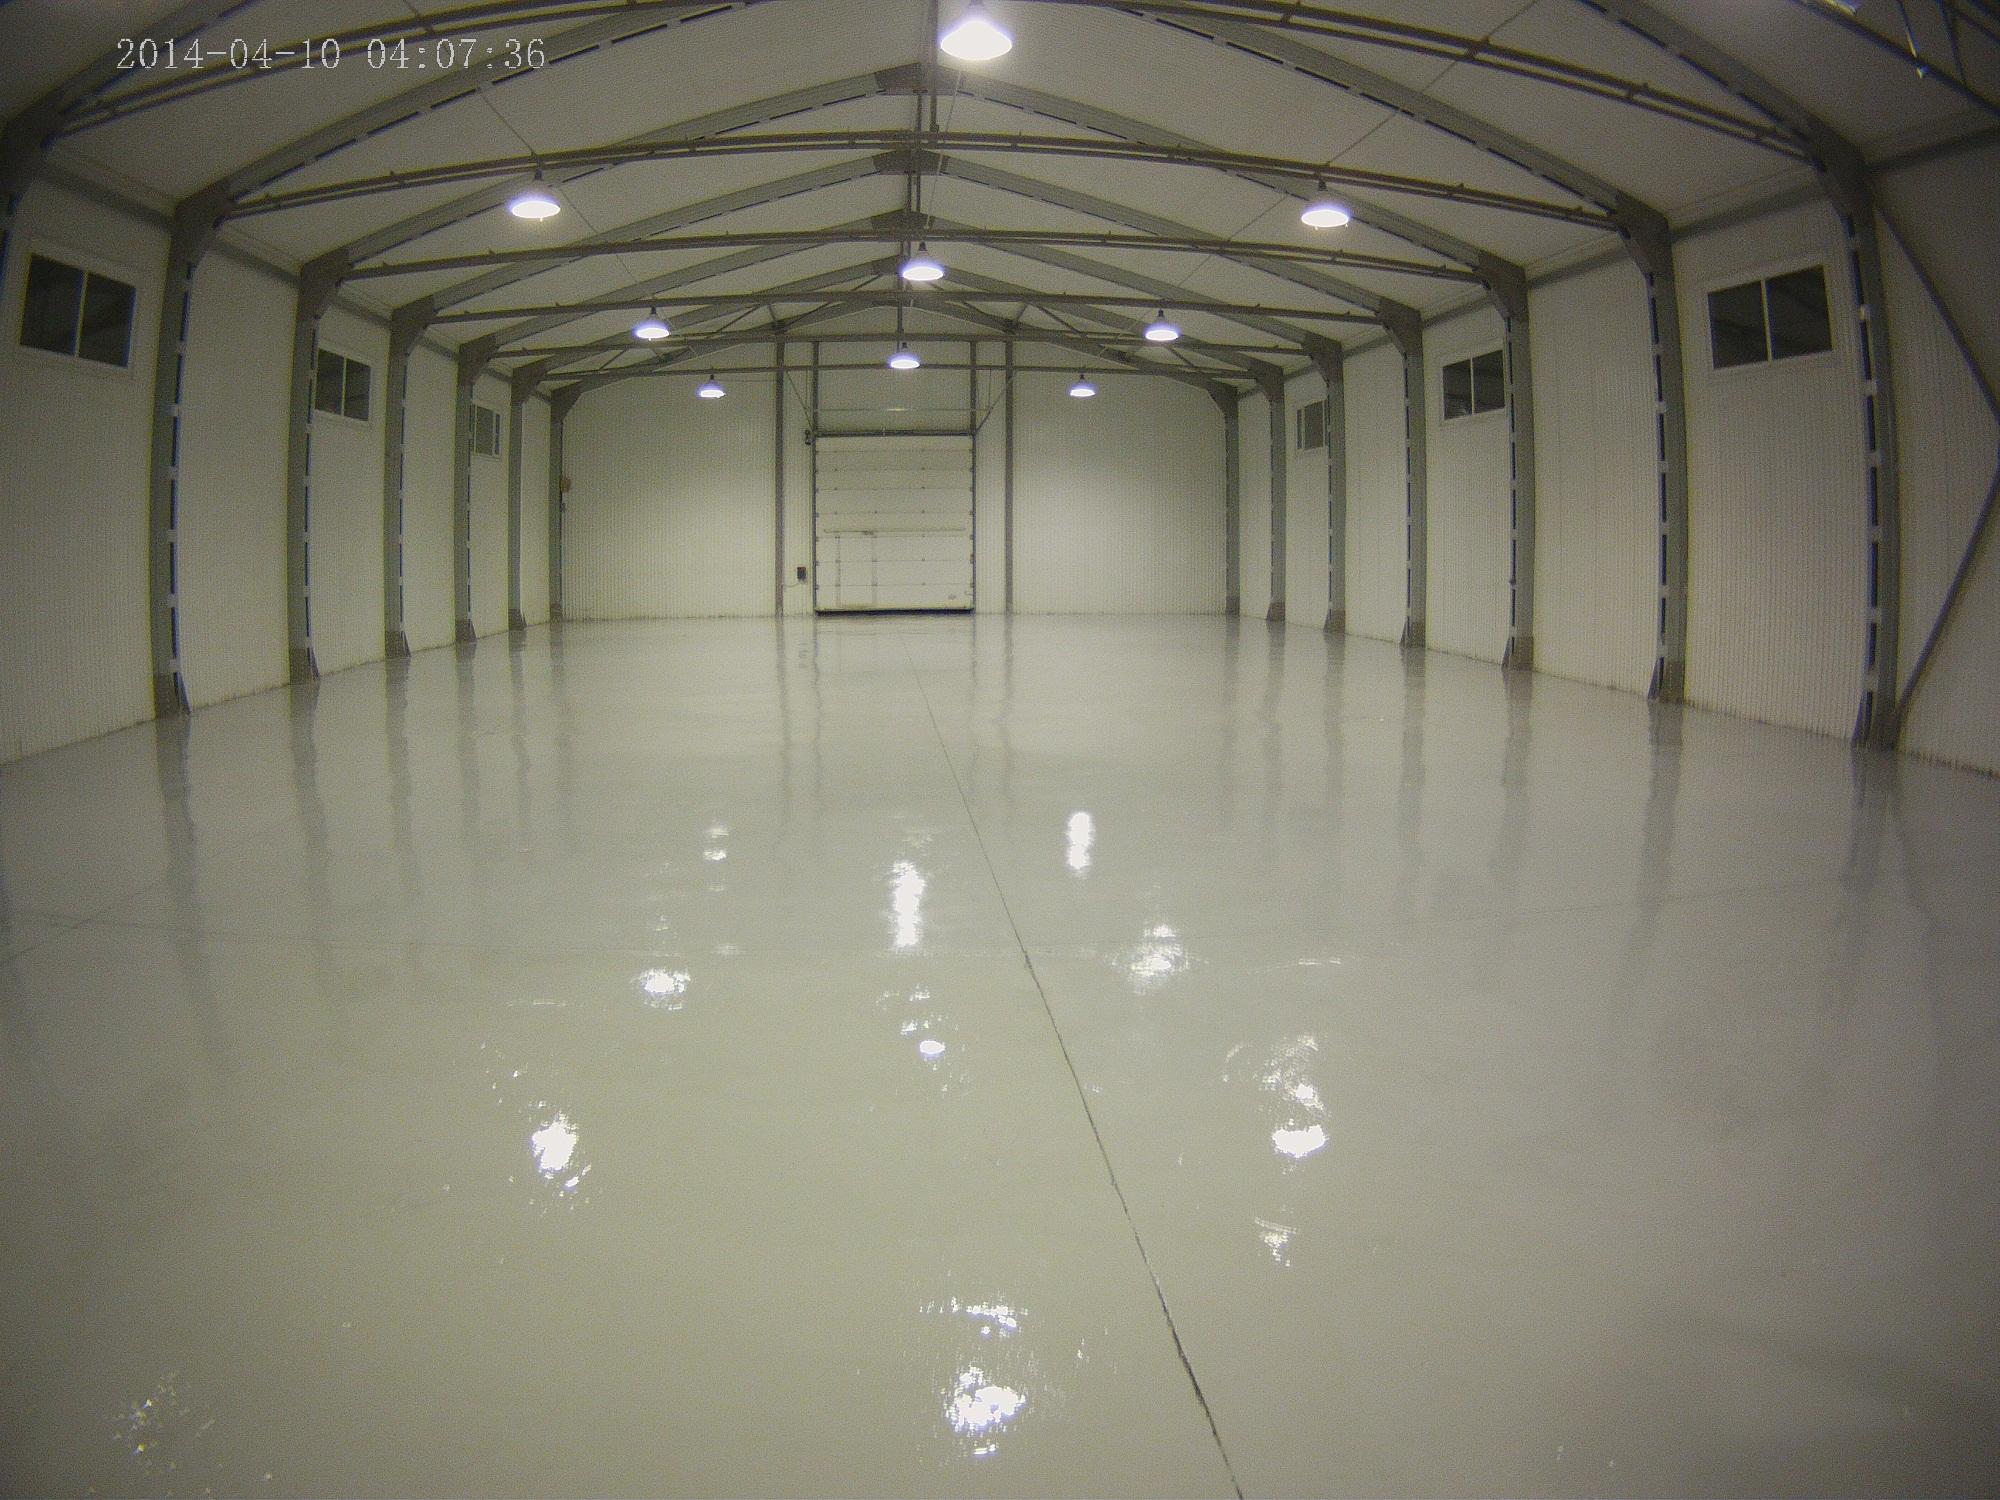 Однокомпонентное полиуретановое покрытие бетонного пола на складе молочной продукции, р. Казахстан